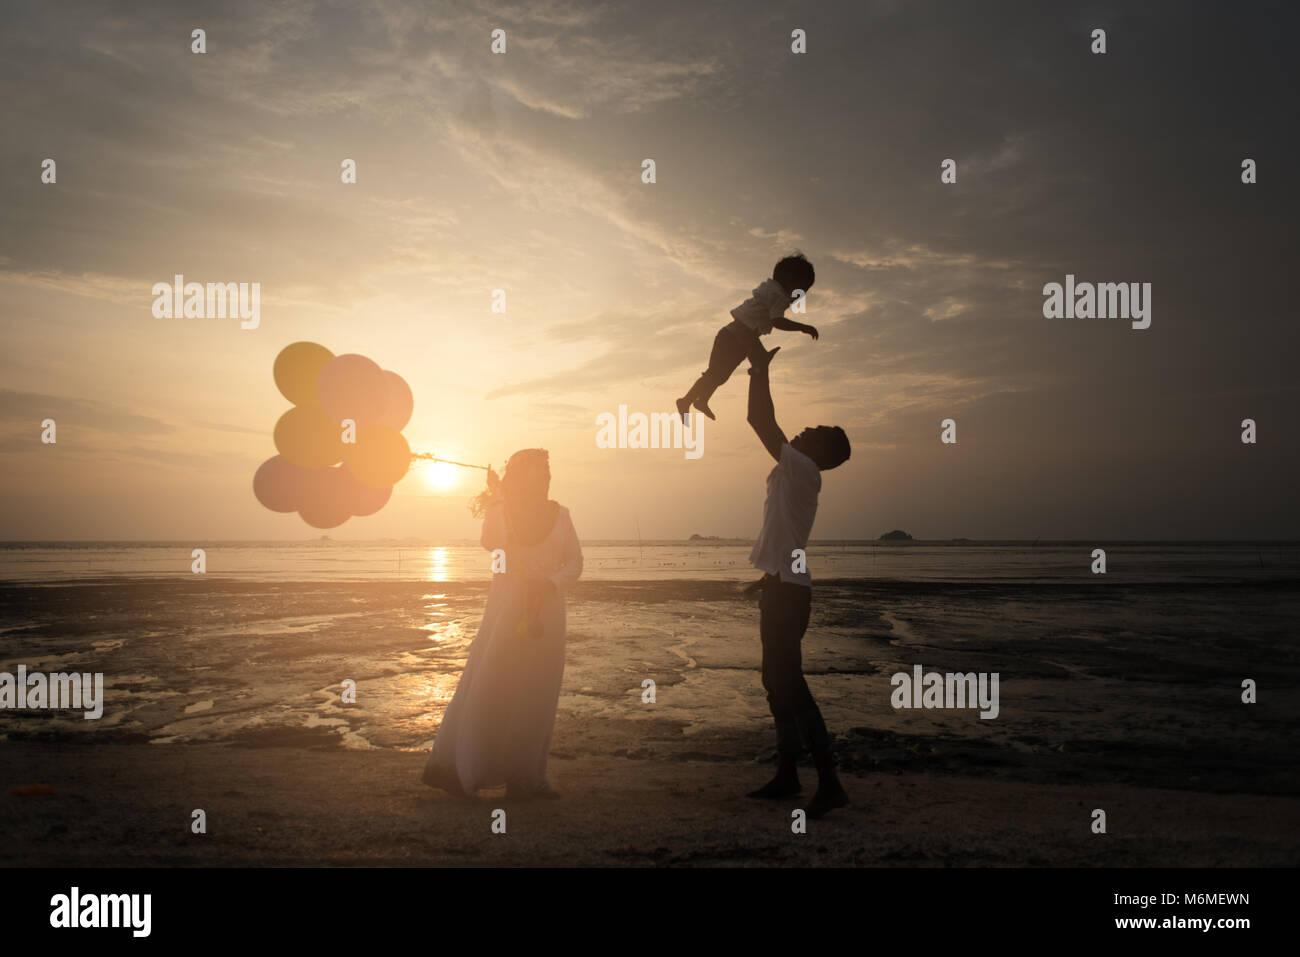 Sillhouette de Asia feliz familia divirtiéndose en la playa, con vista de la puesta de sol como telón Imagen De Stock